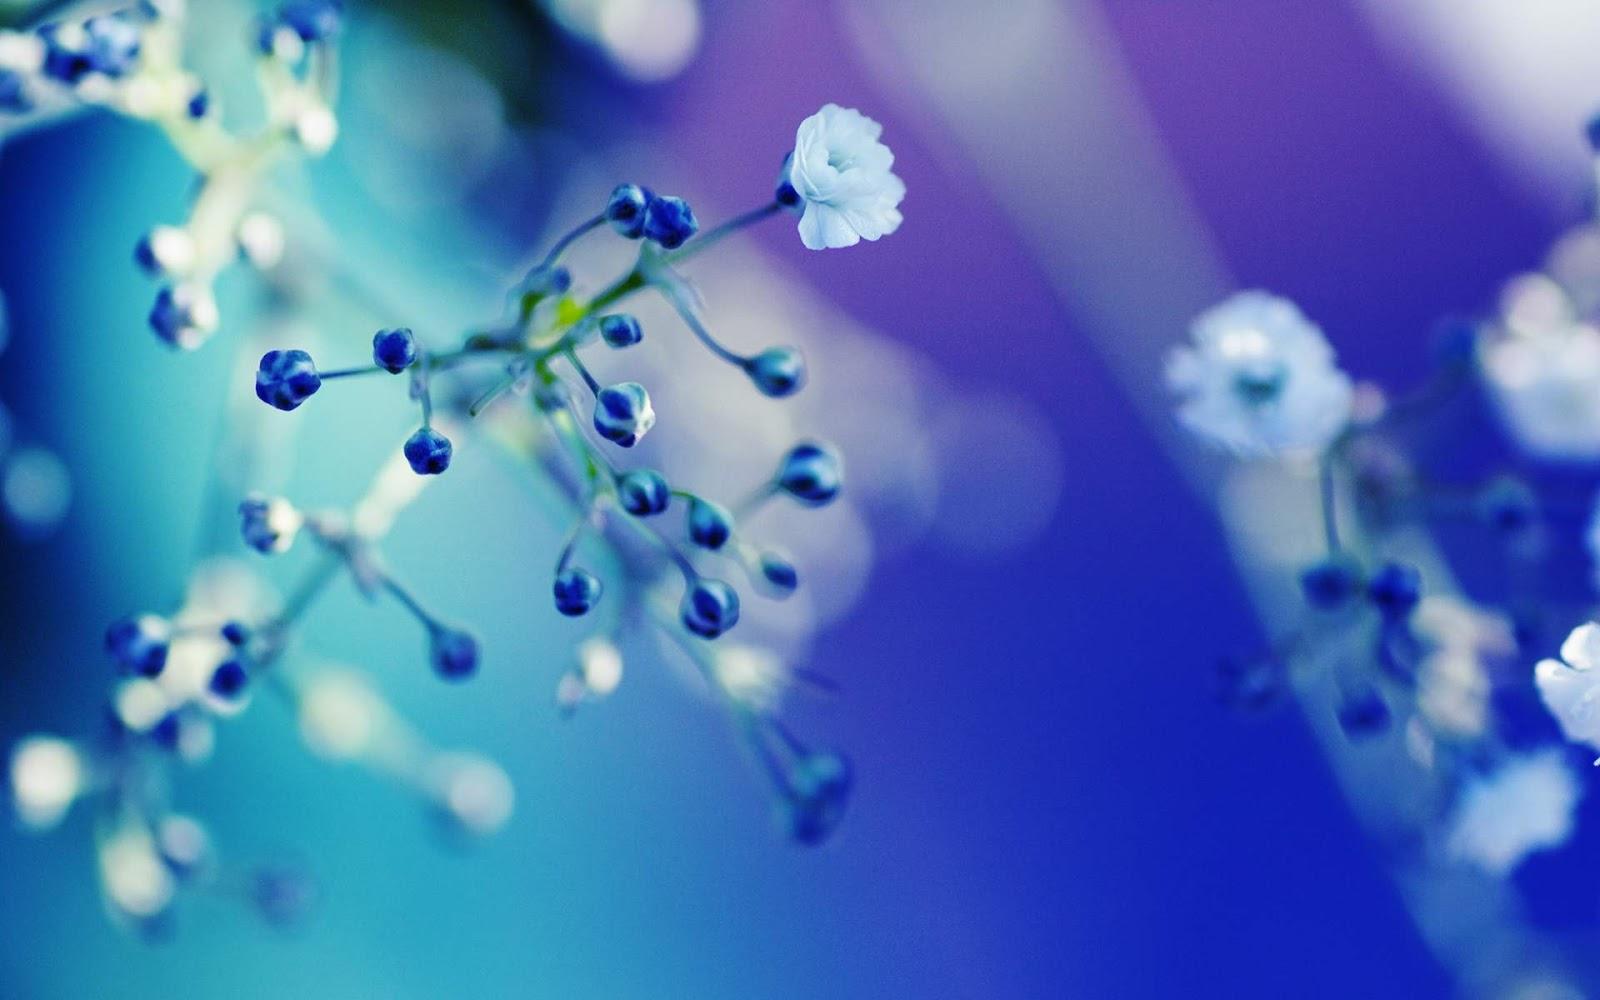 Blue Flower Wallpaper Early Flower